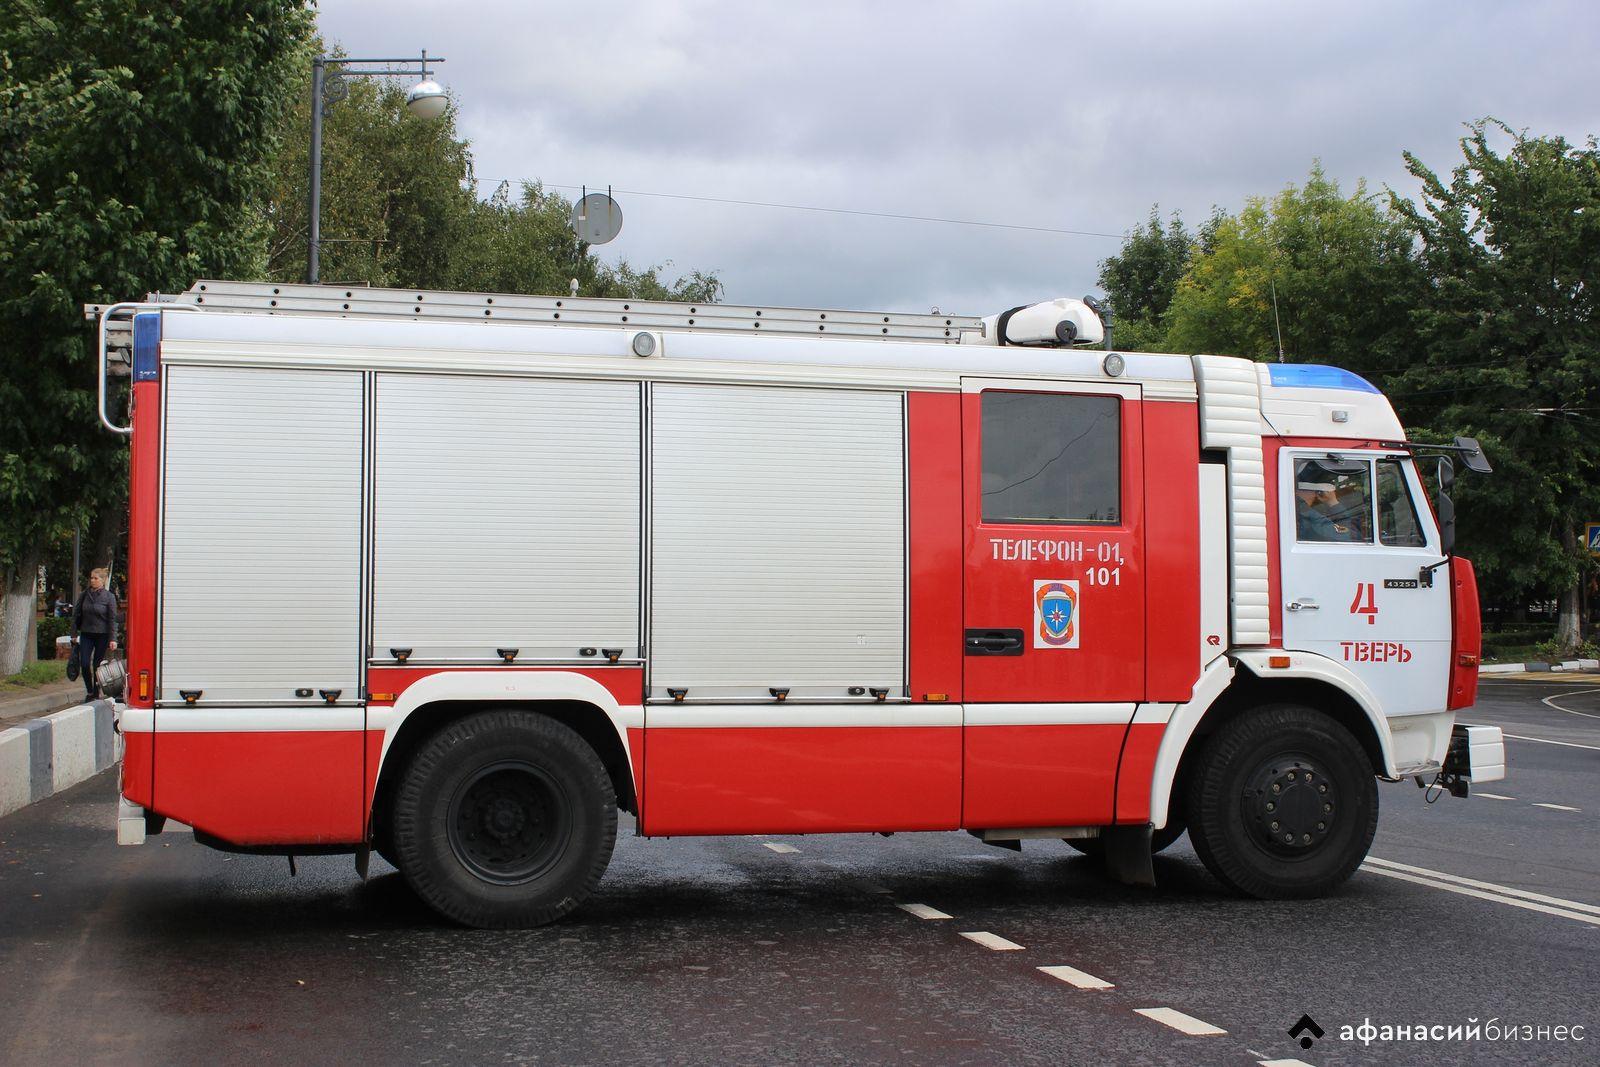 В центре Твери сожгли припаркованный автомобиль